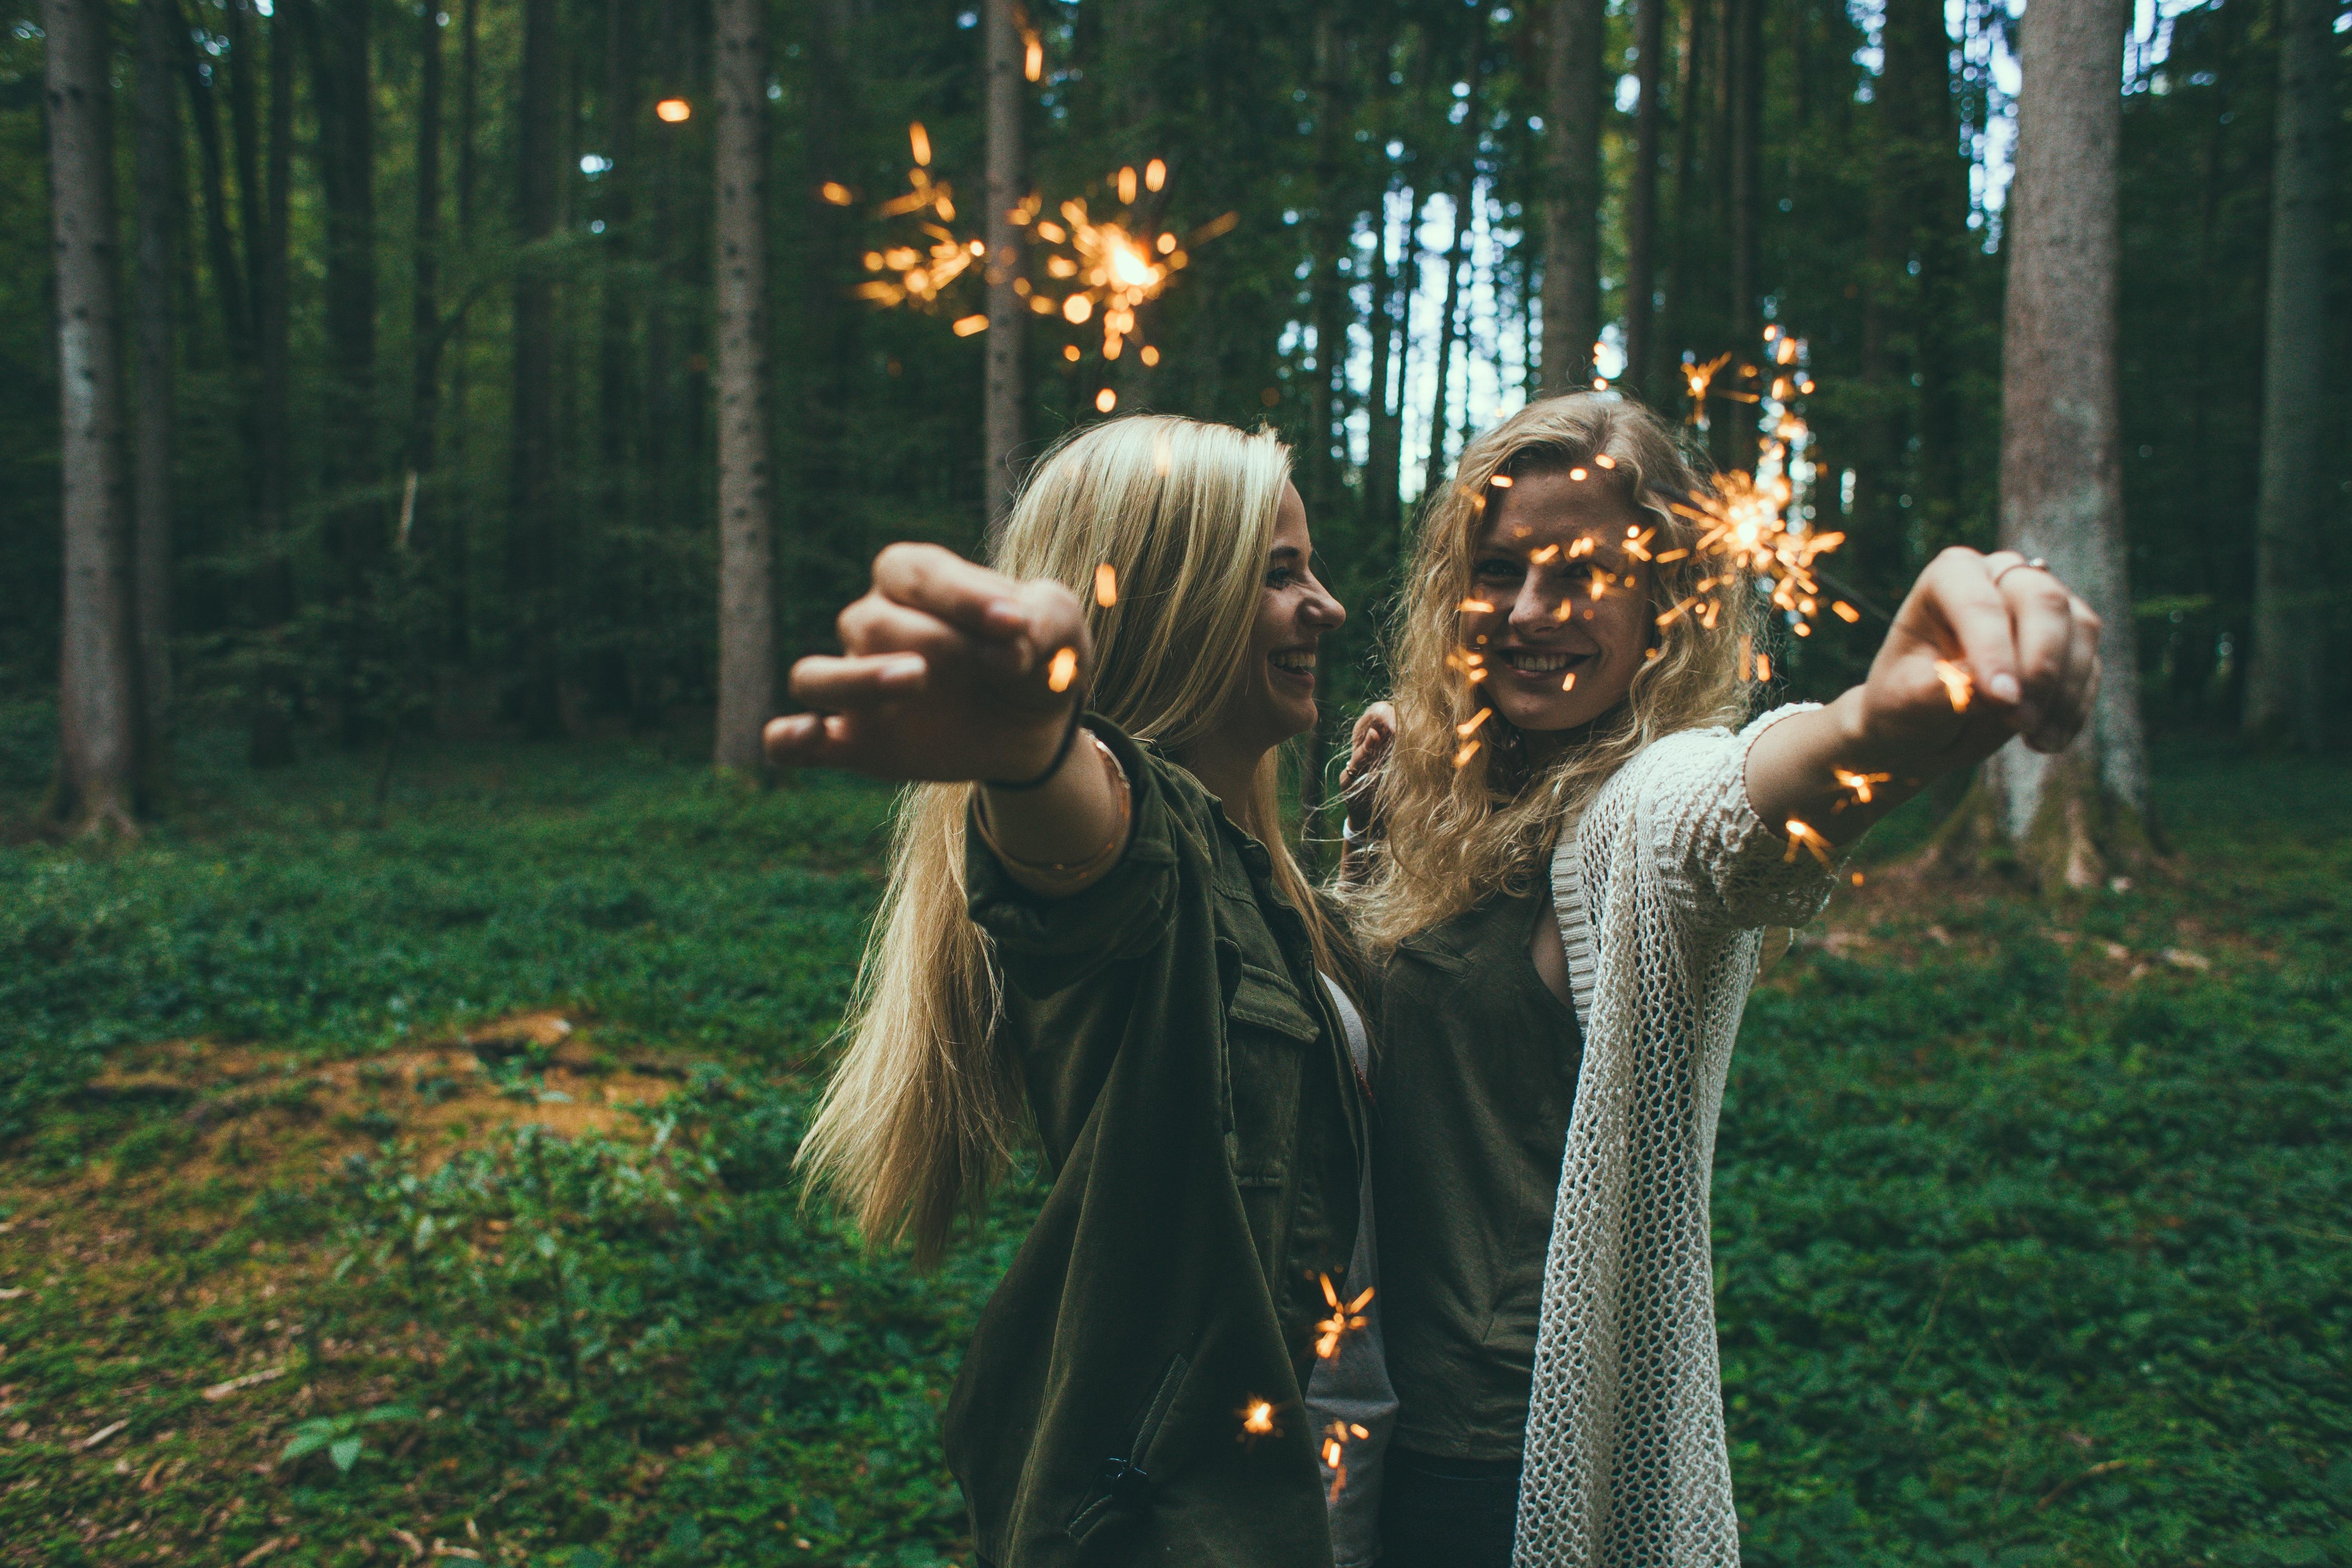 Poze Pădure Persoană Oameni Femeie Celebrare Tineri